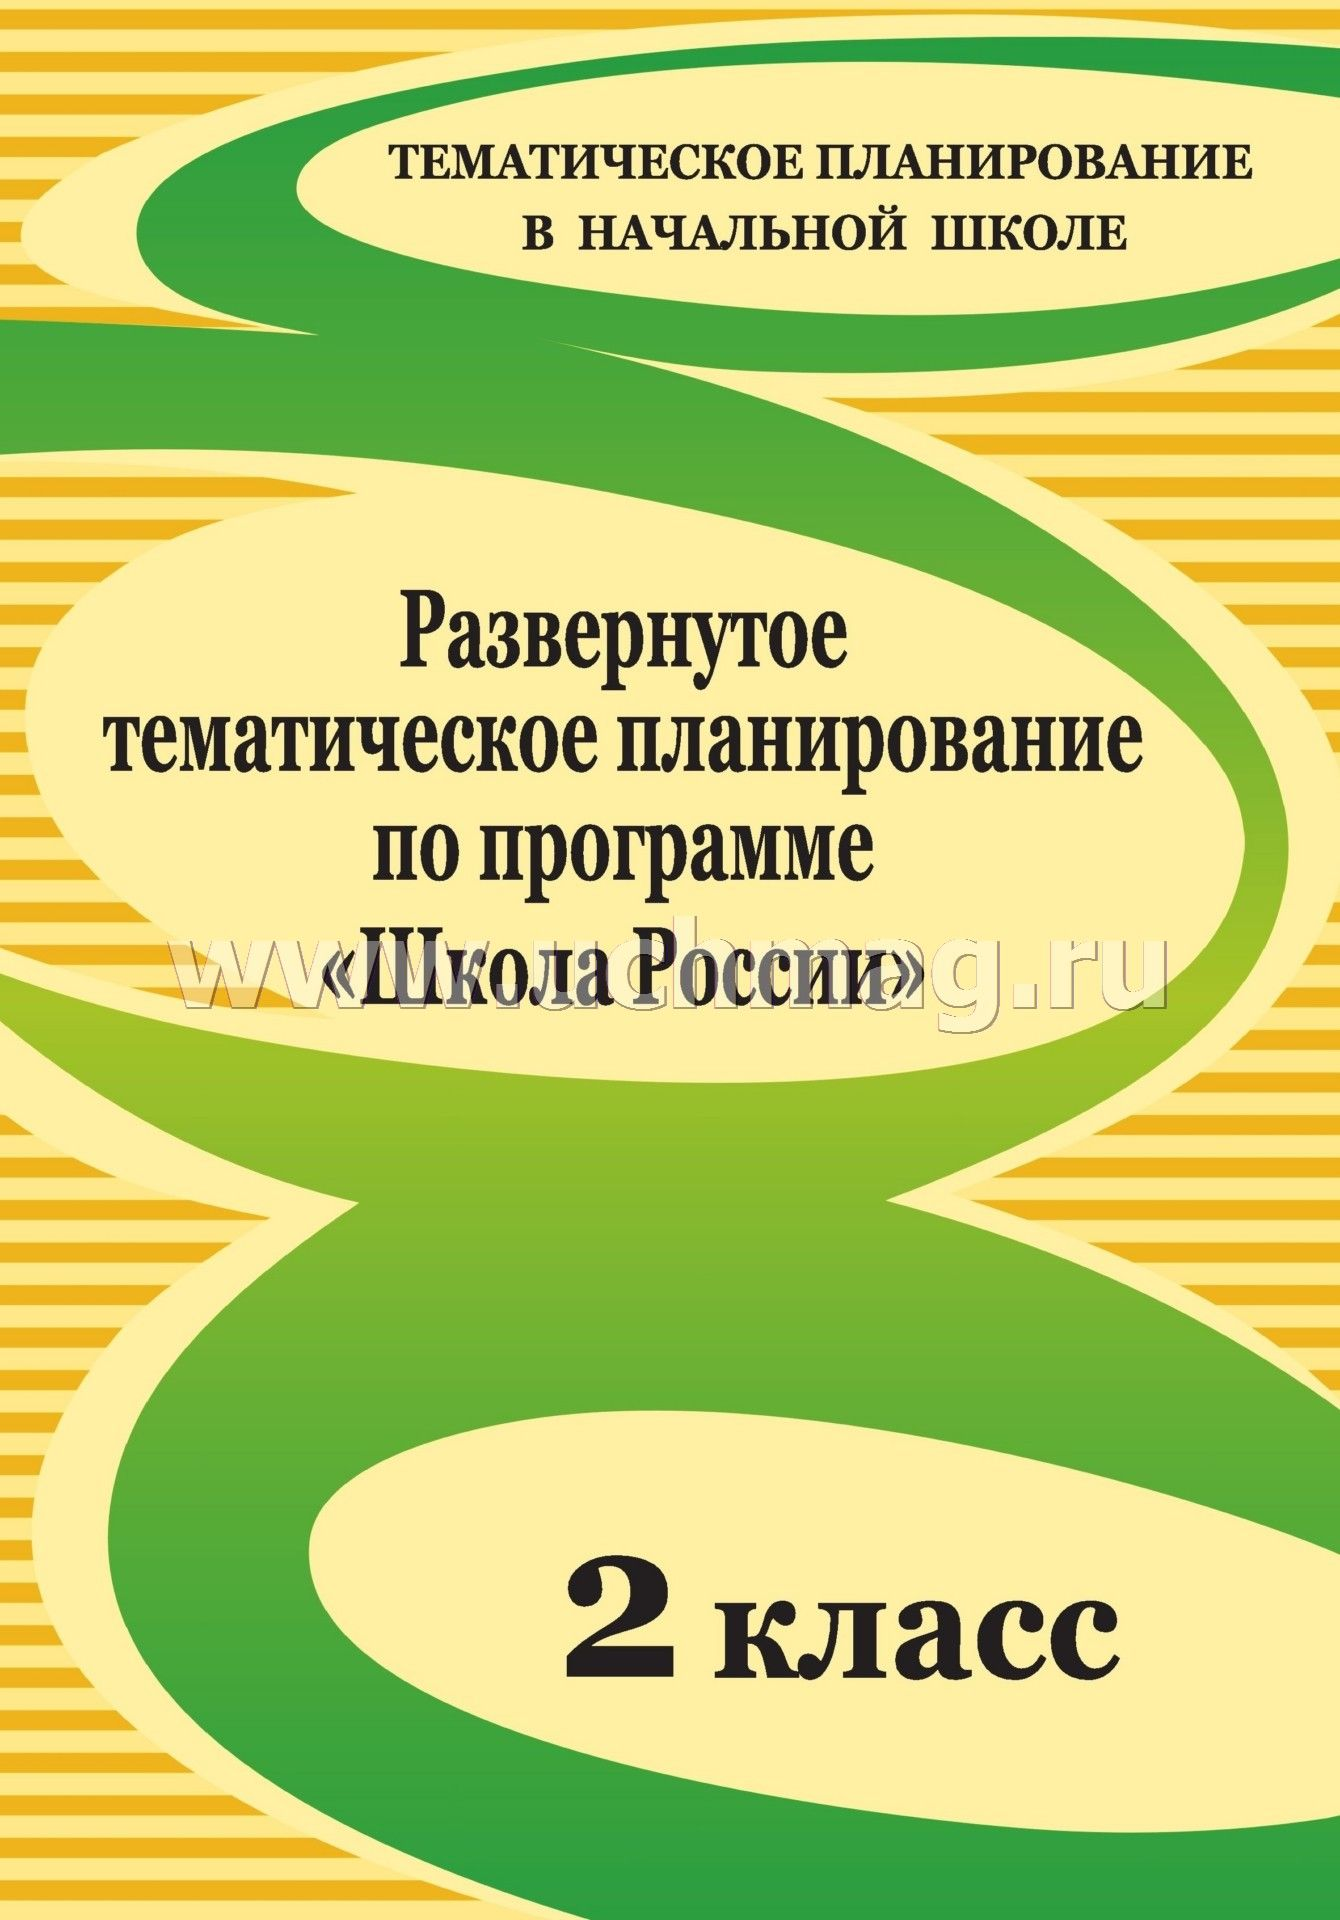 Примерные программы по школе россия 2 класс